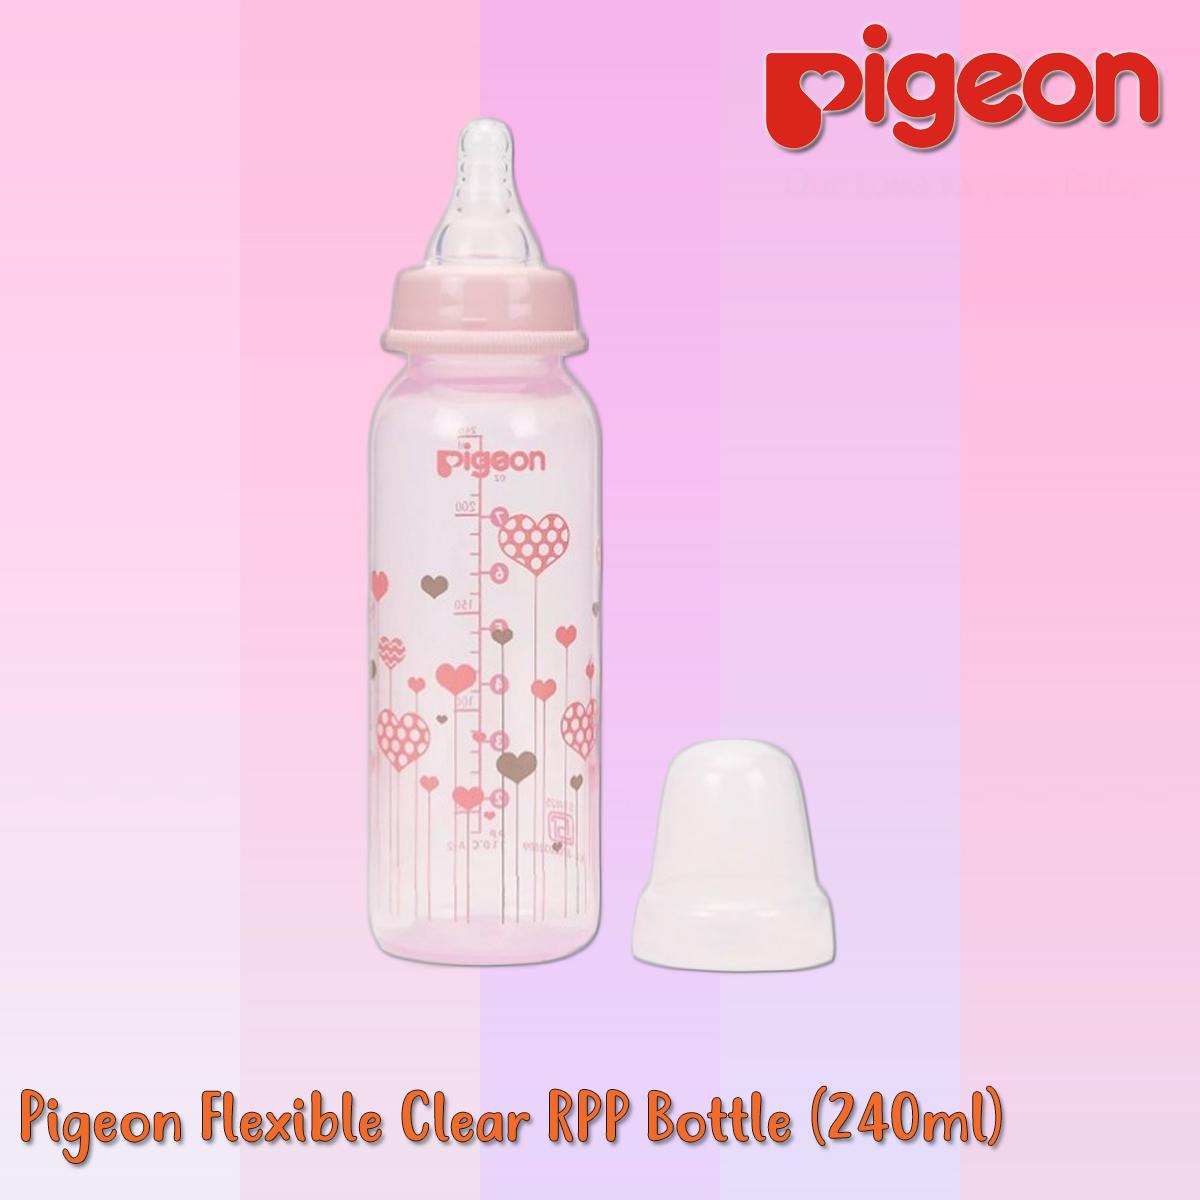 Pigeon Flexible Clear RPP Bottle (240ml)Pigeon Flexible Clear RPP Bottle (240ml)Pigeon Flexible Clear RPP Bottle (240ml).jpg